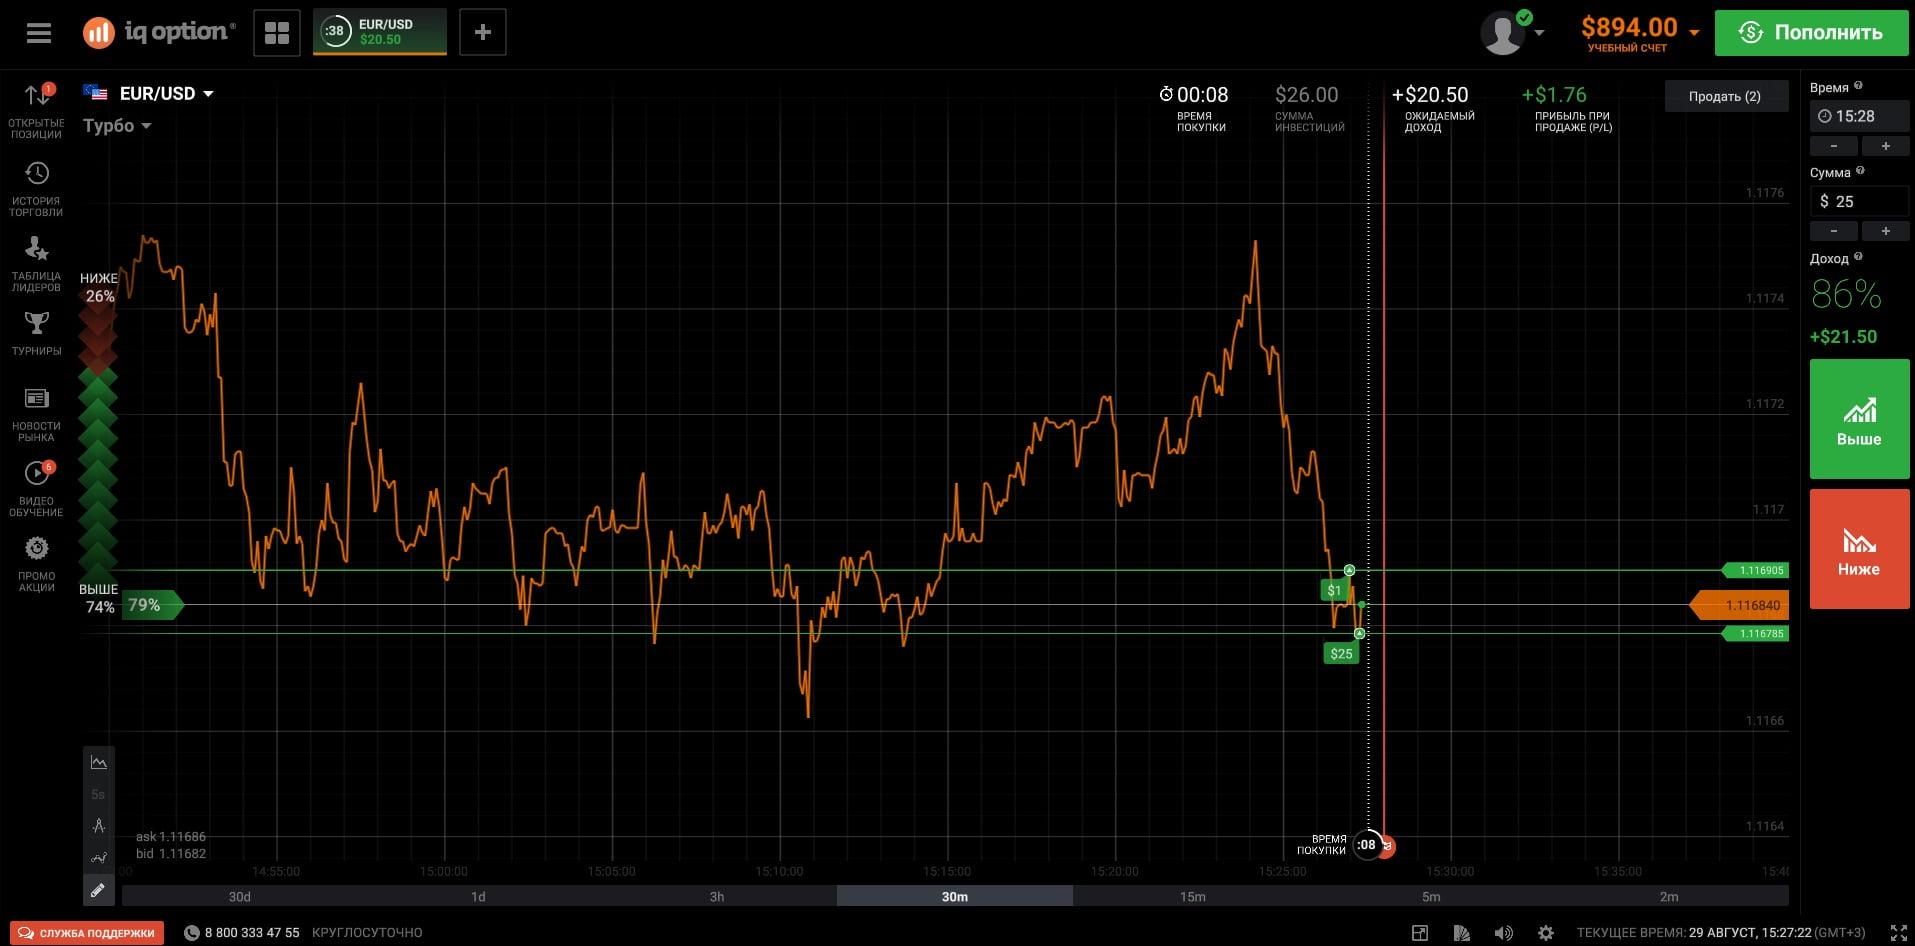 Торговая платформа брокера бинарных опционов